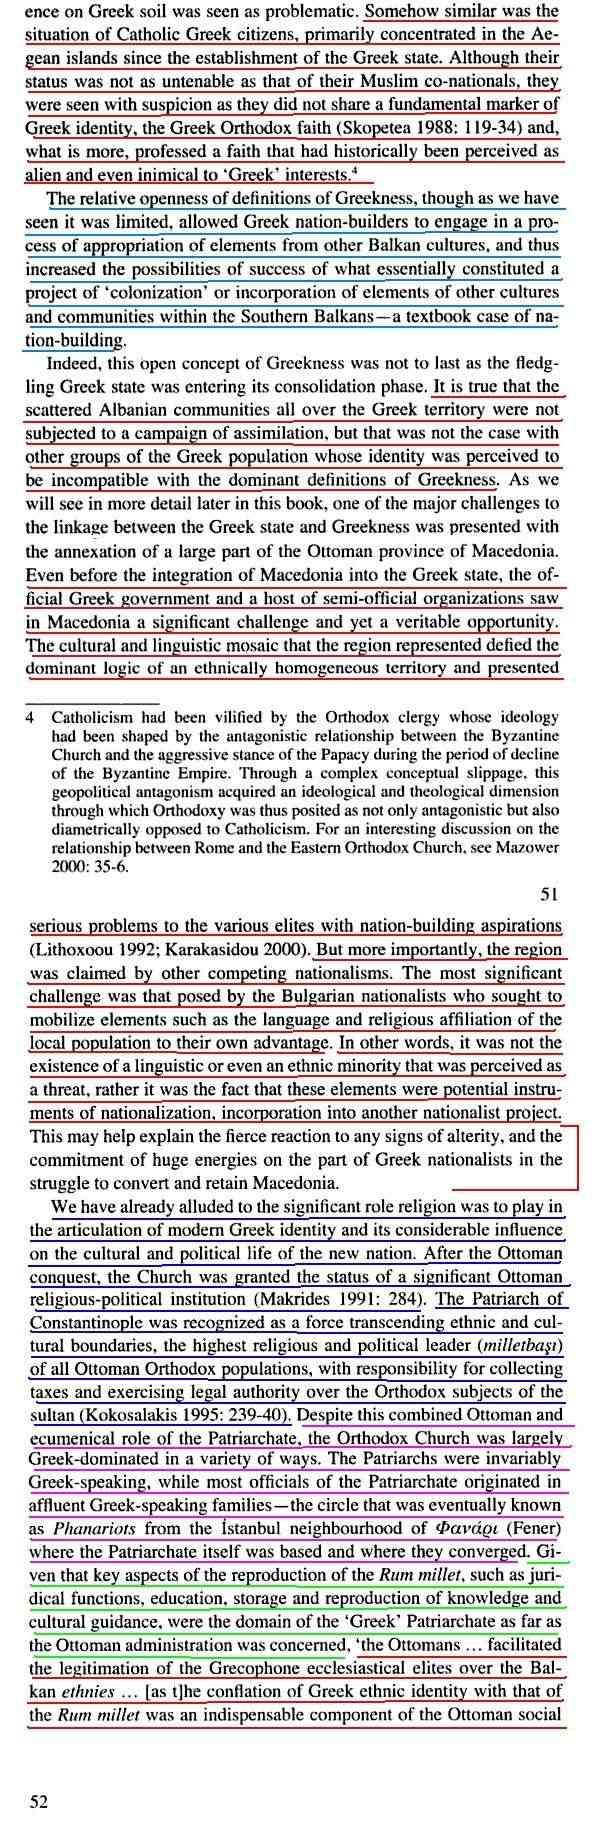 Thessalians - Faqe 6 4_bmp14